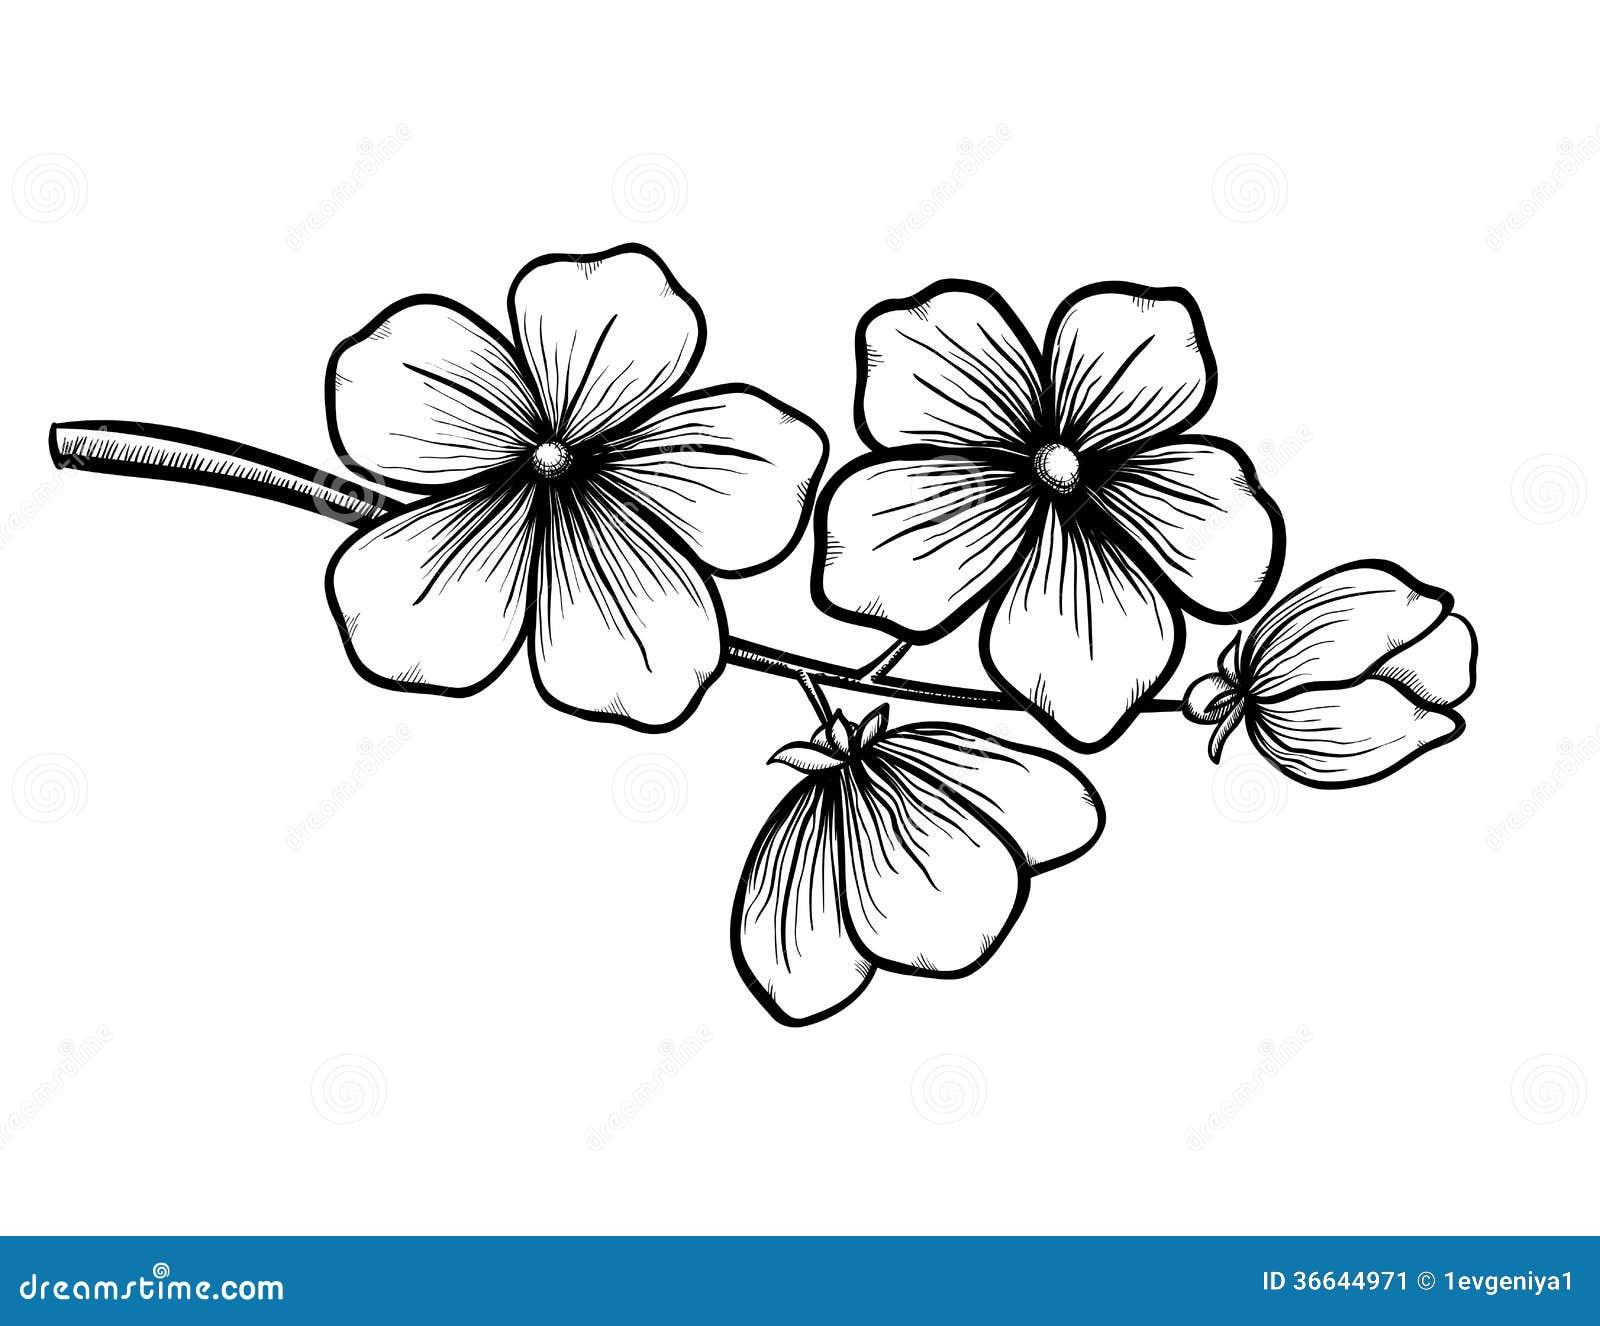 Asombroso Páginas Para Colorear En Blanco Y Negro De Rosas ...